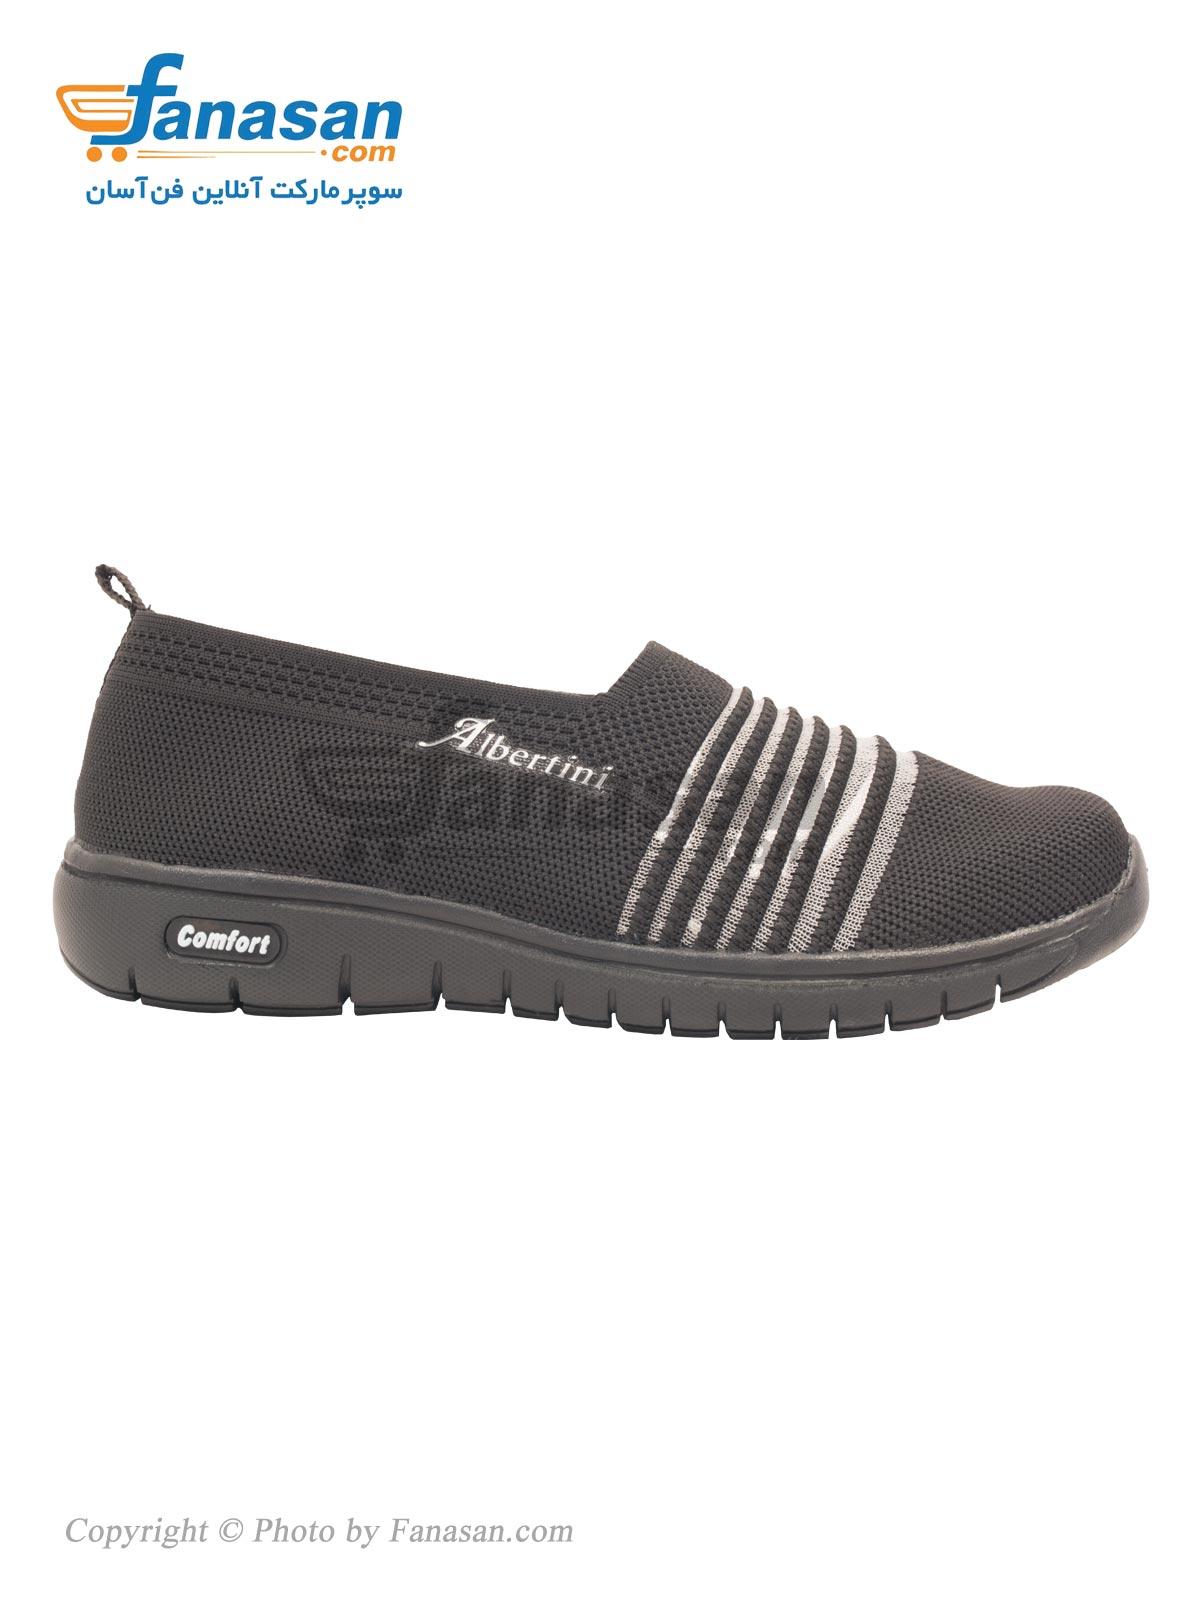 کفش راحتی چهارفصل زنانه نهرین مدل شیک Albertini مشکی سایز 40